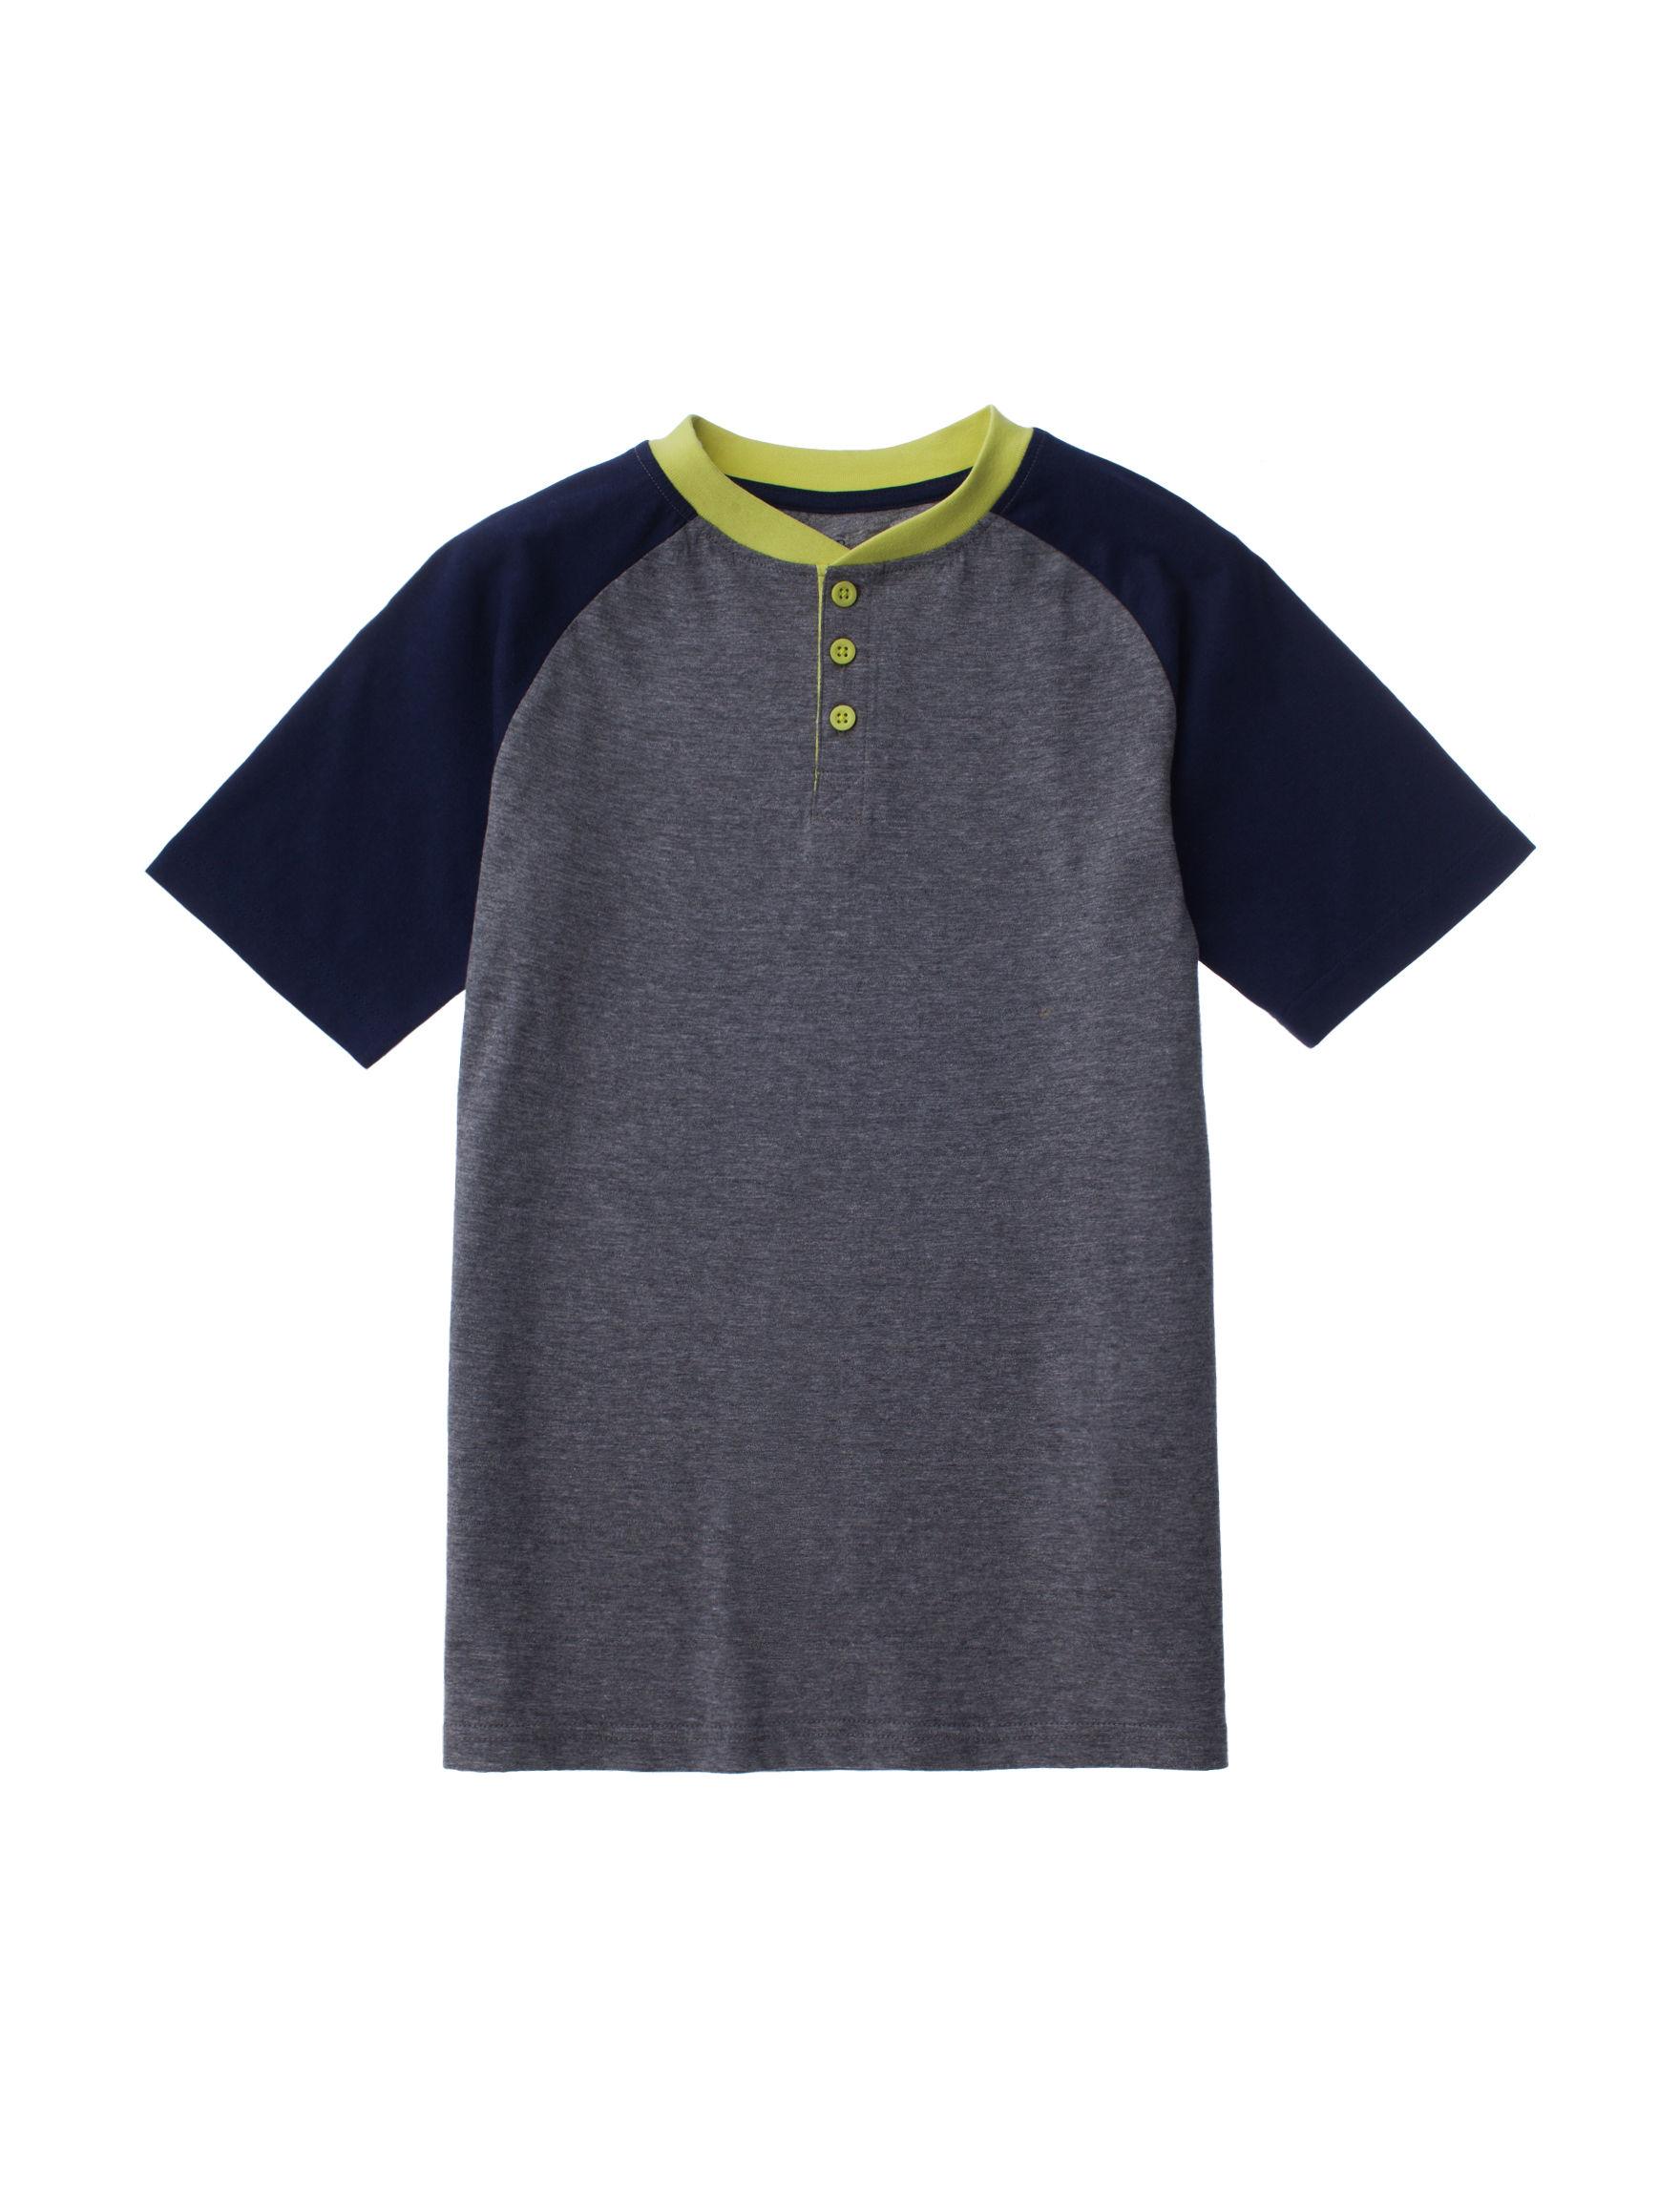 Rustic Blue Grey / Navy